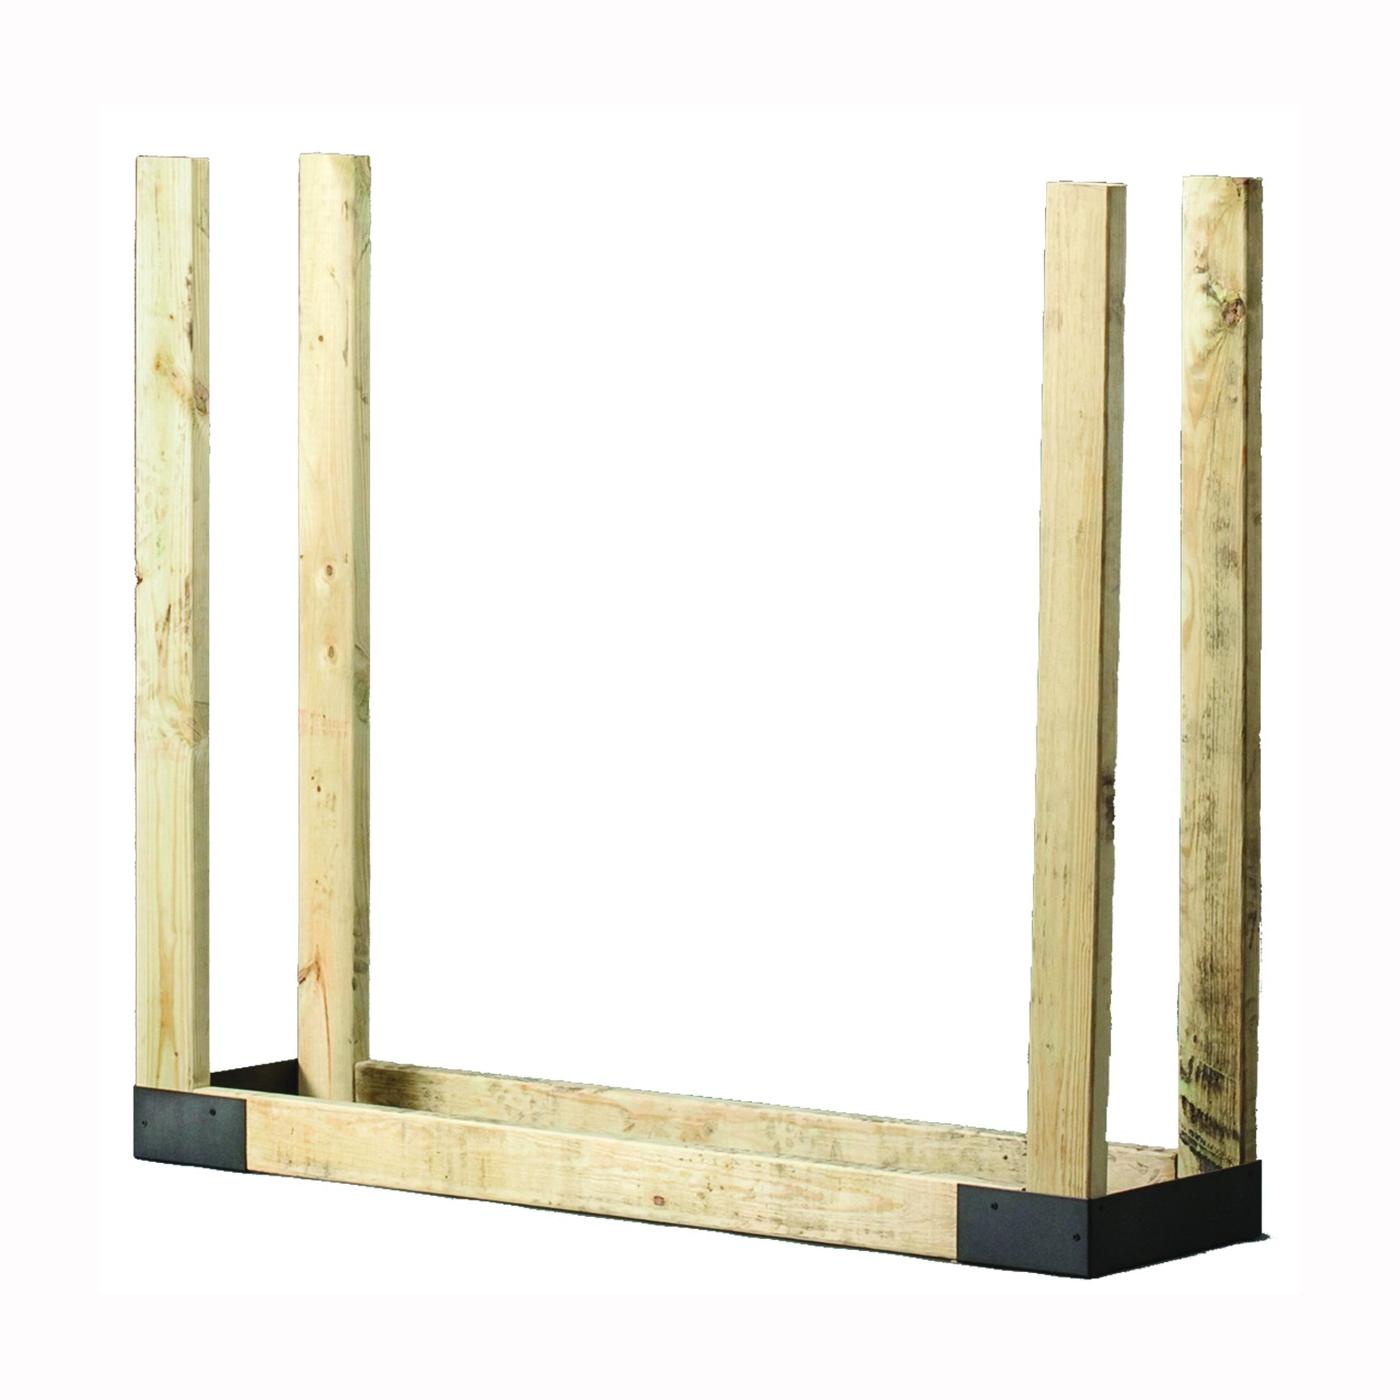 Picture of SHELTER SLRK Adjustable Log Rack Bracket Kit, 14 in W, Steel Base, Powder-Coated, Black